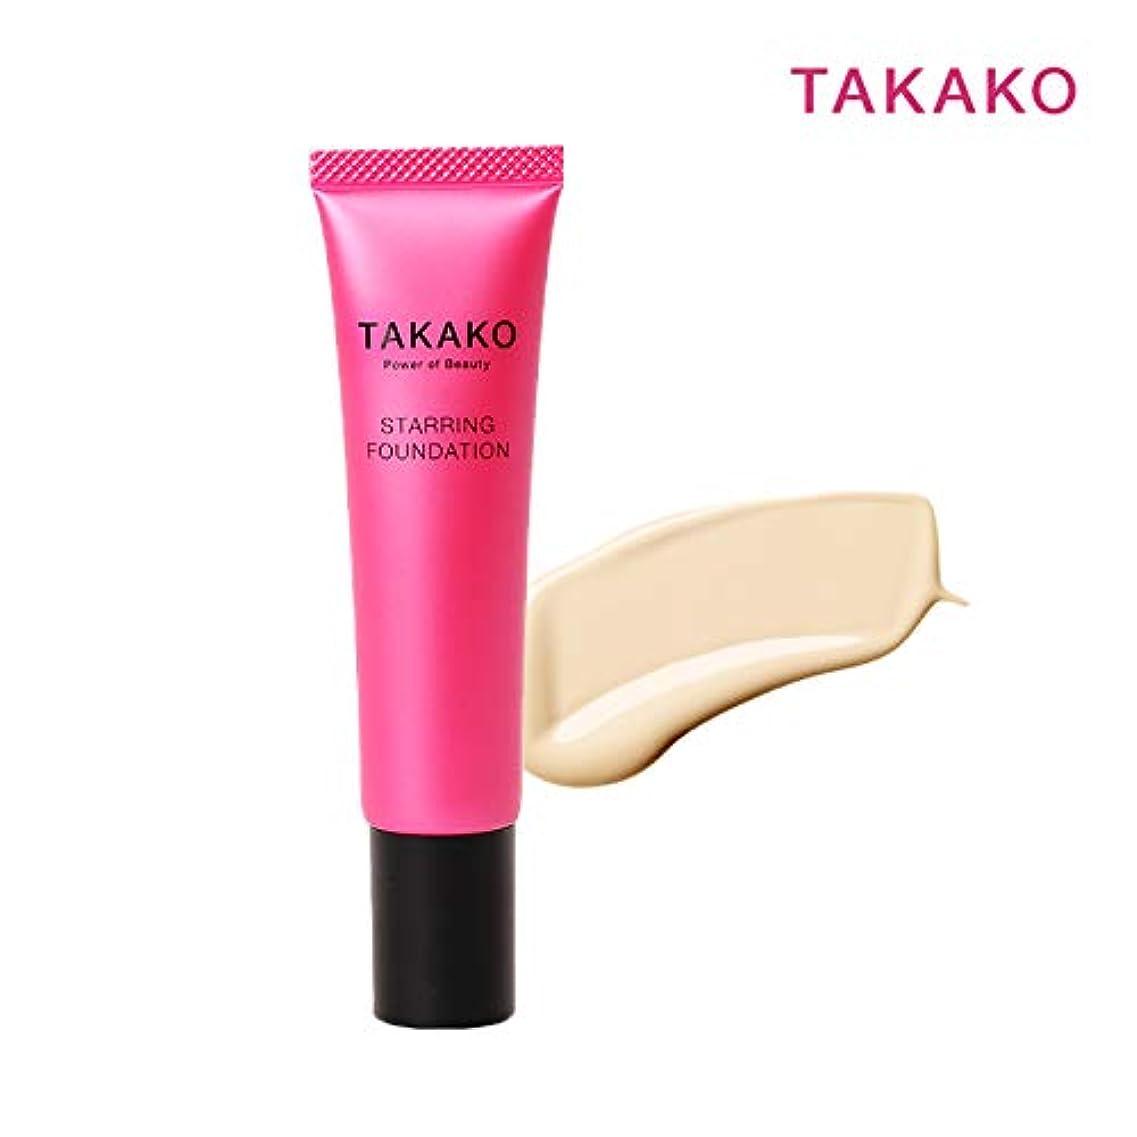 五十宿る検索TAKAKO スターリングファンデーション リキッドファンデーション SPF20 PA++ 30g【タカコ コスメ】TAKAKO Power of Beauty STARRING FOUNDATION